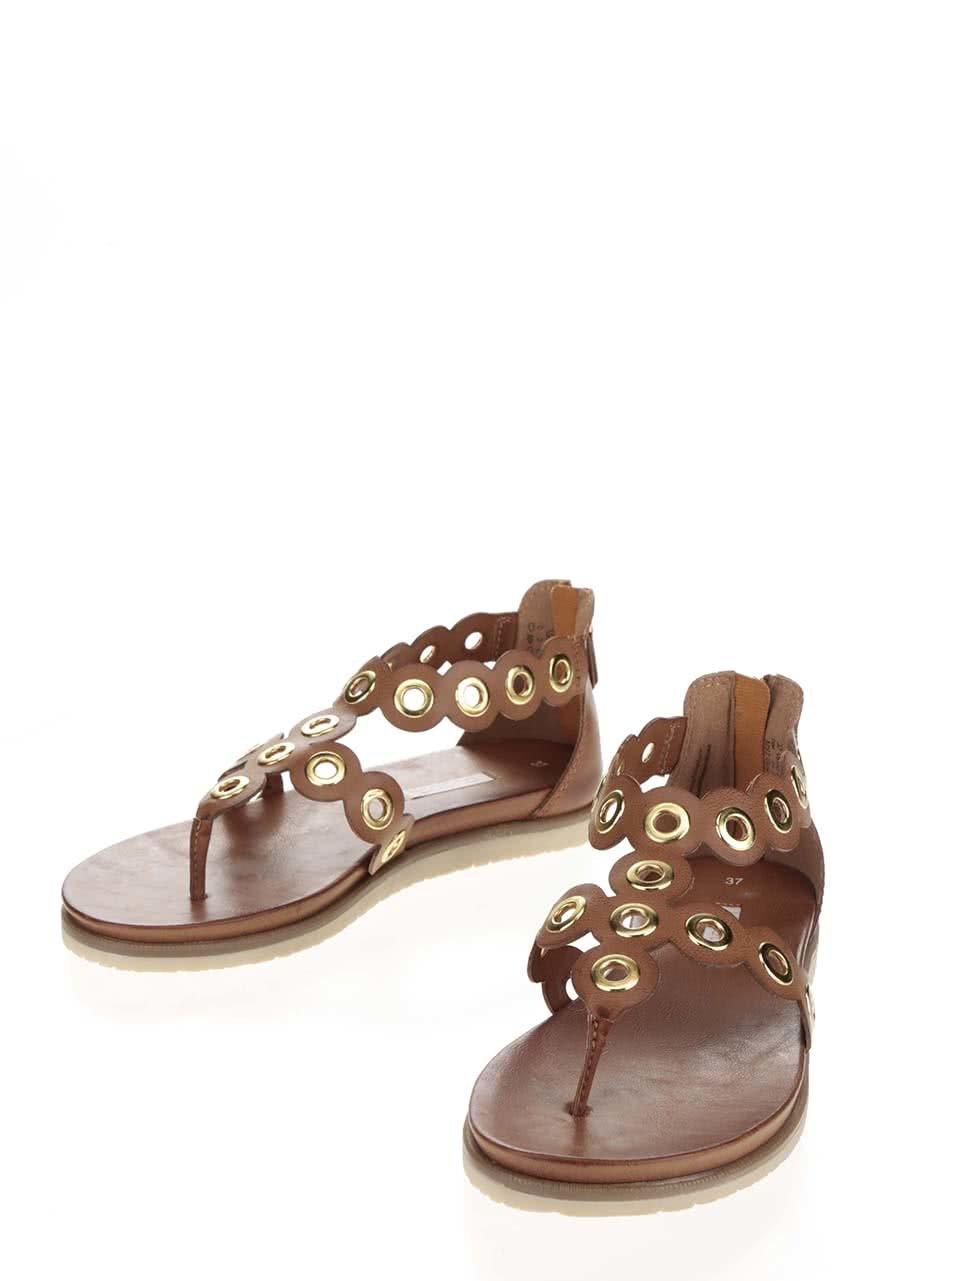 Hnědé dámské sandály bugatti Jodie ... 63da4aff59